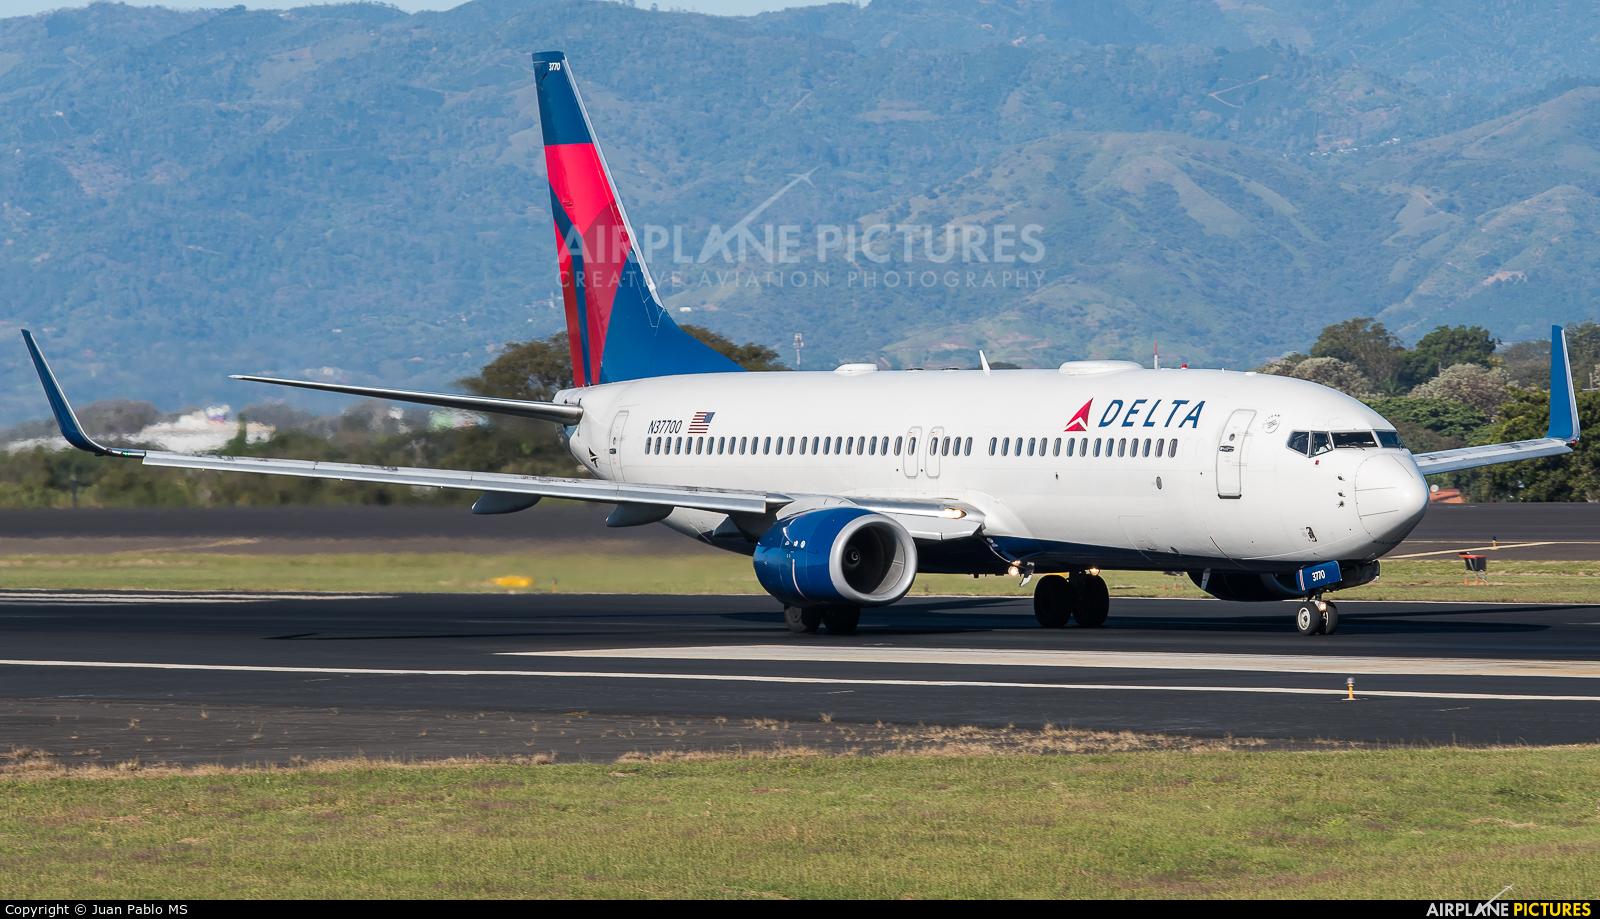 Delta Air Lines N37700 aircraft at San Jose - Juan Santamaría Intl